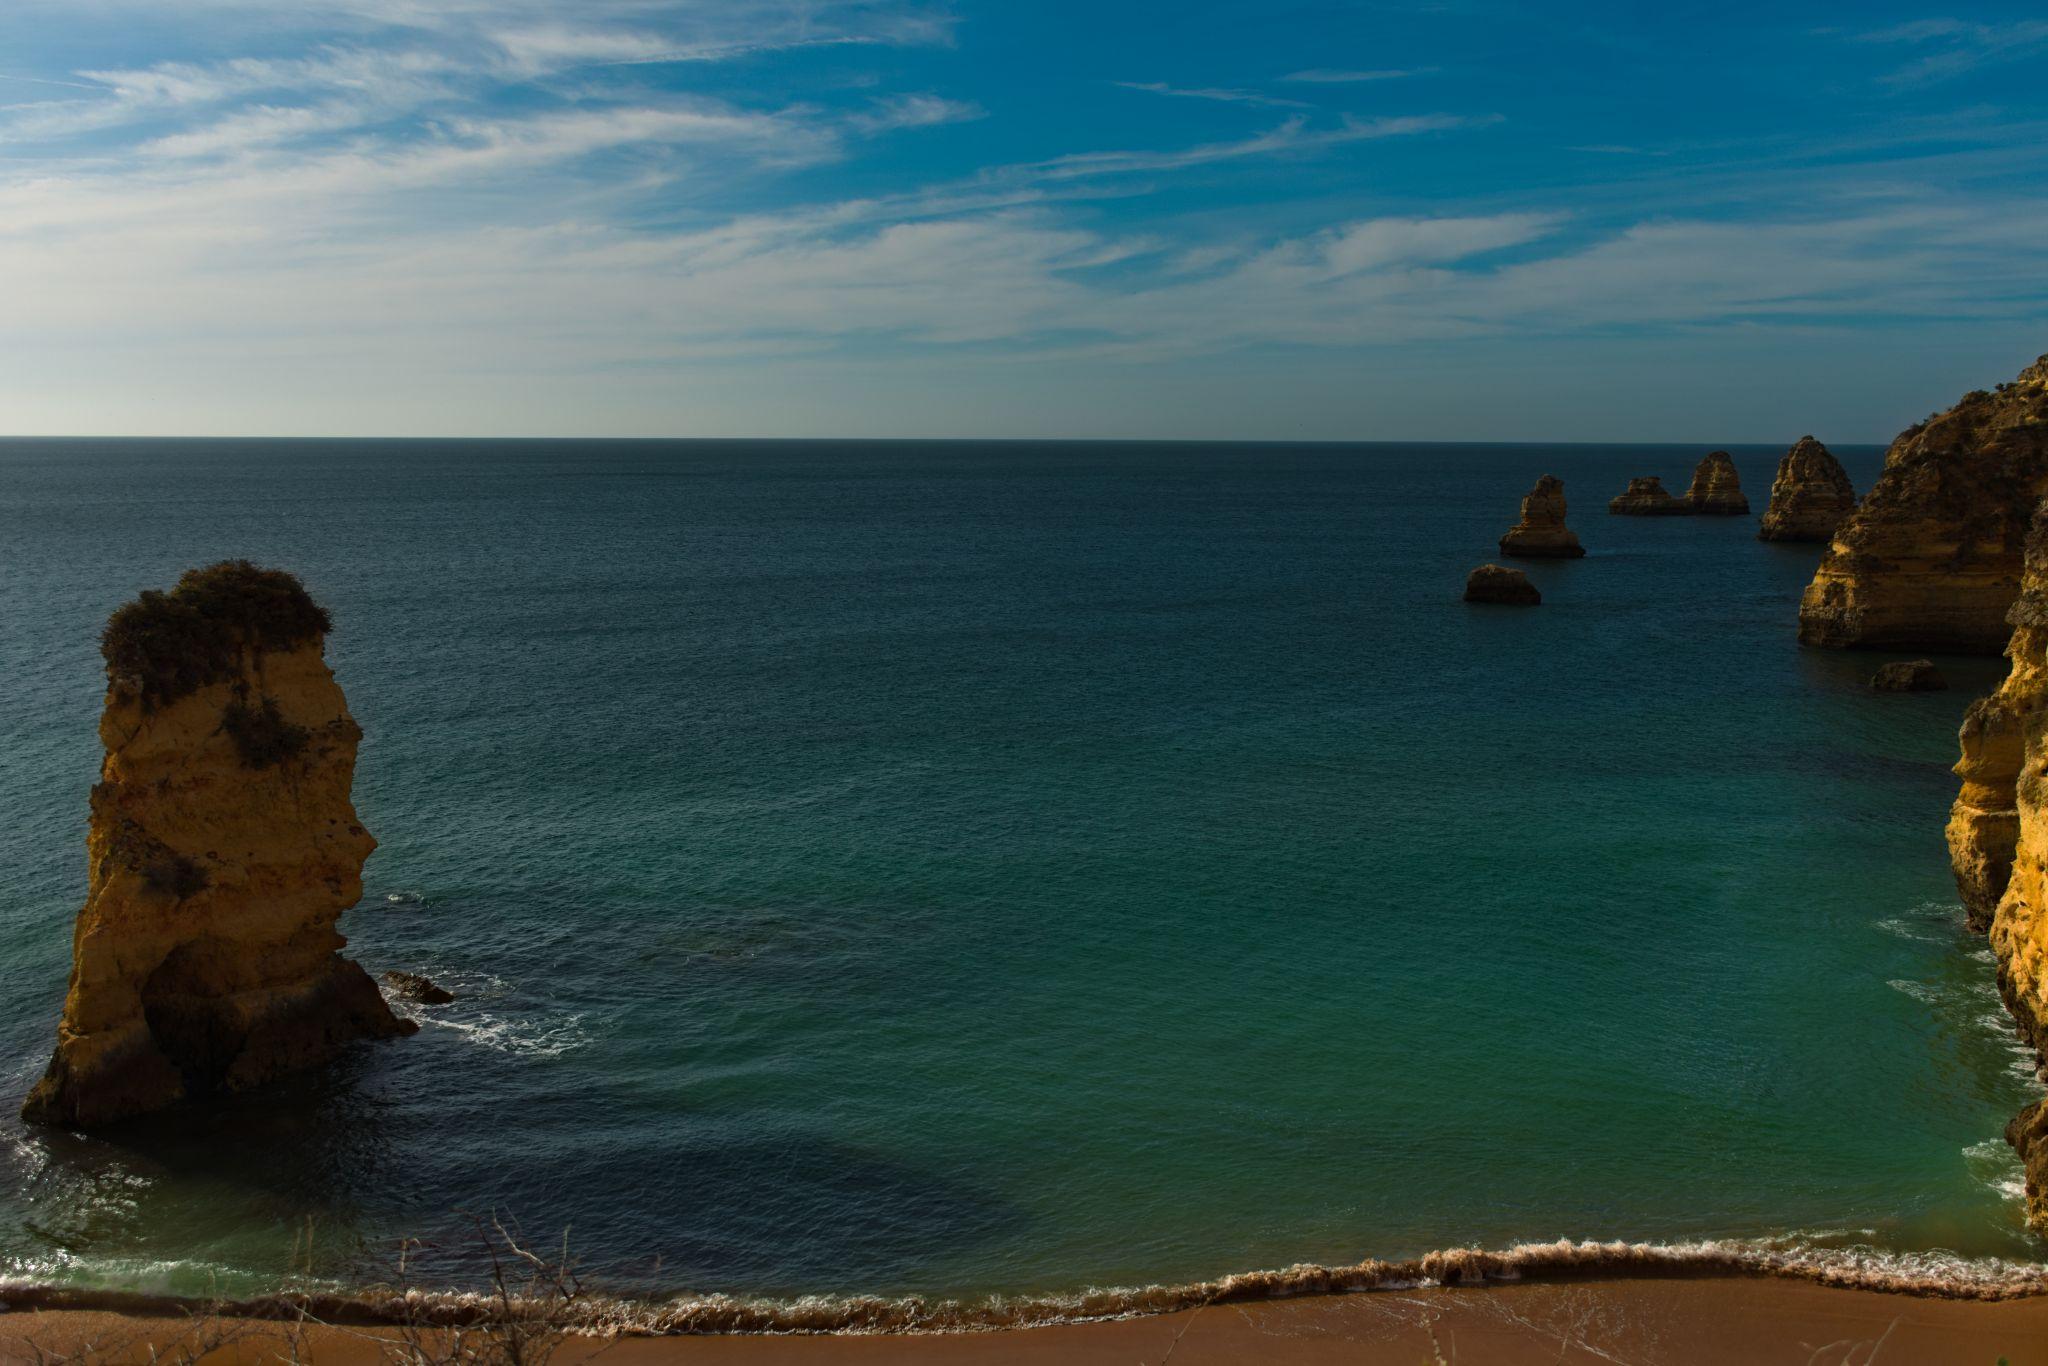 Praia Dona ANA , Top view, Portugal